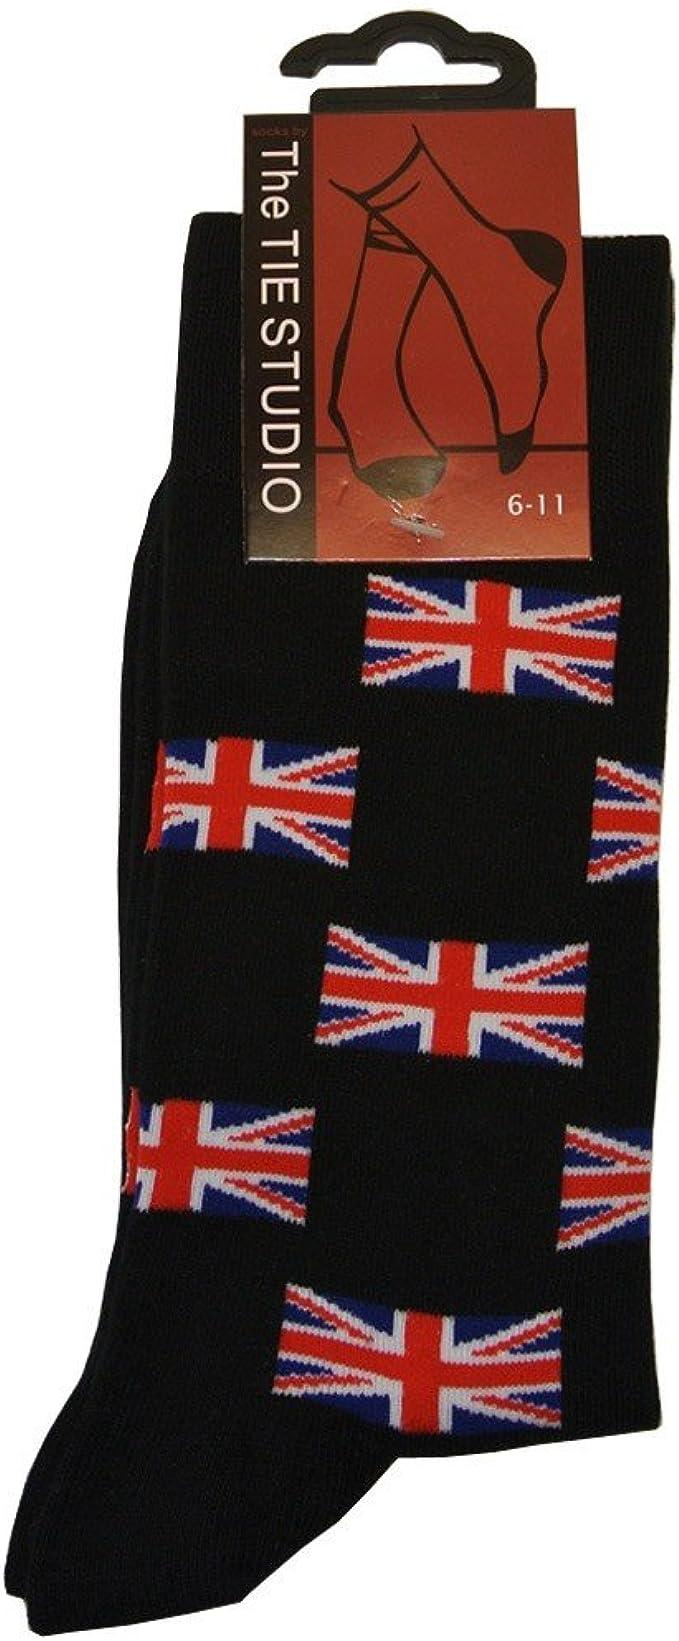 Mens Unión Jack bandera algodón calcetines – tamaño 6 – 11 – negro ...